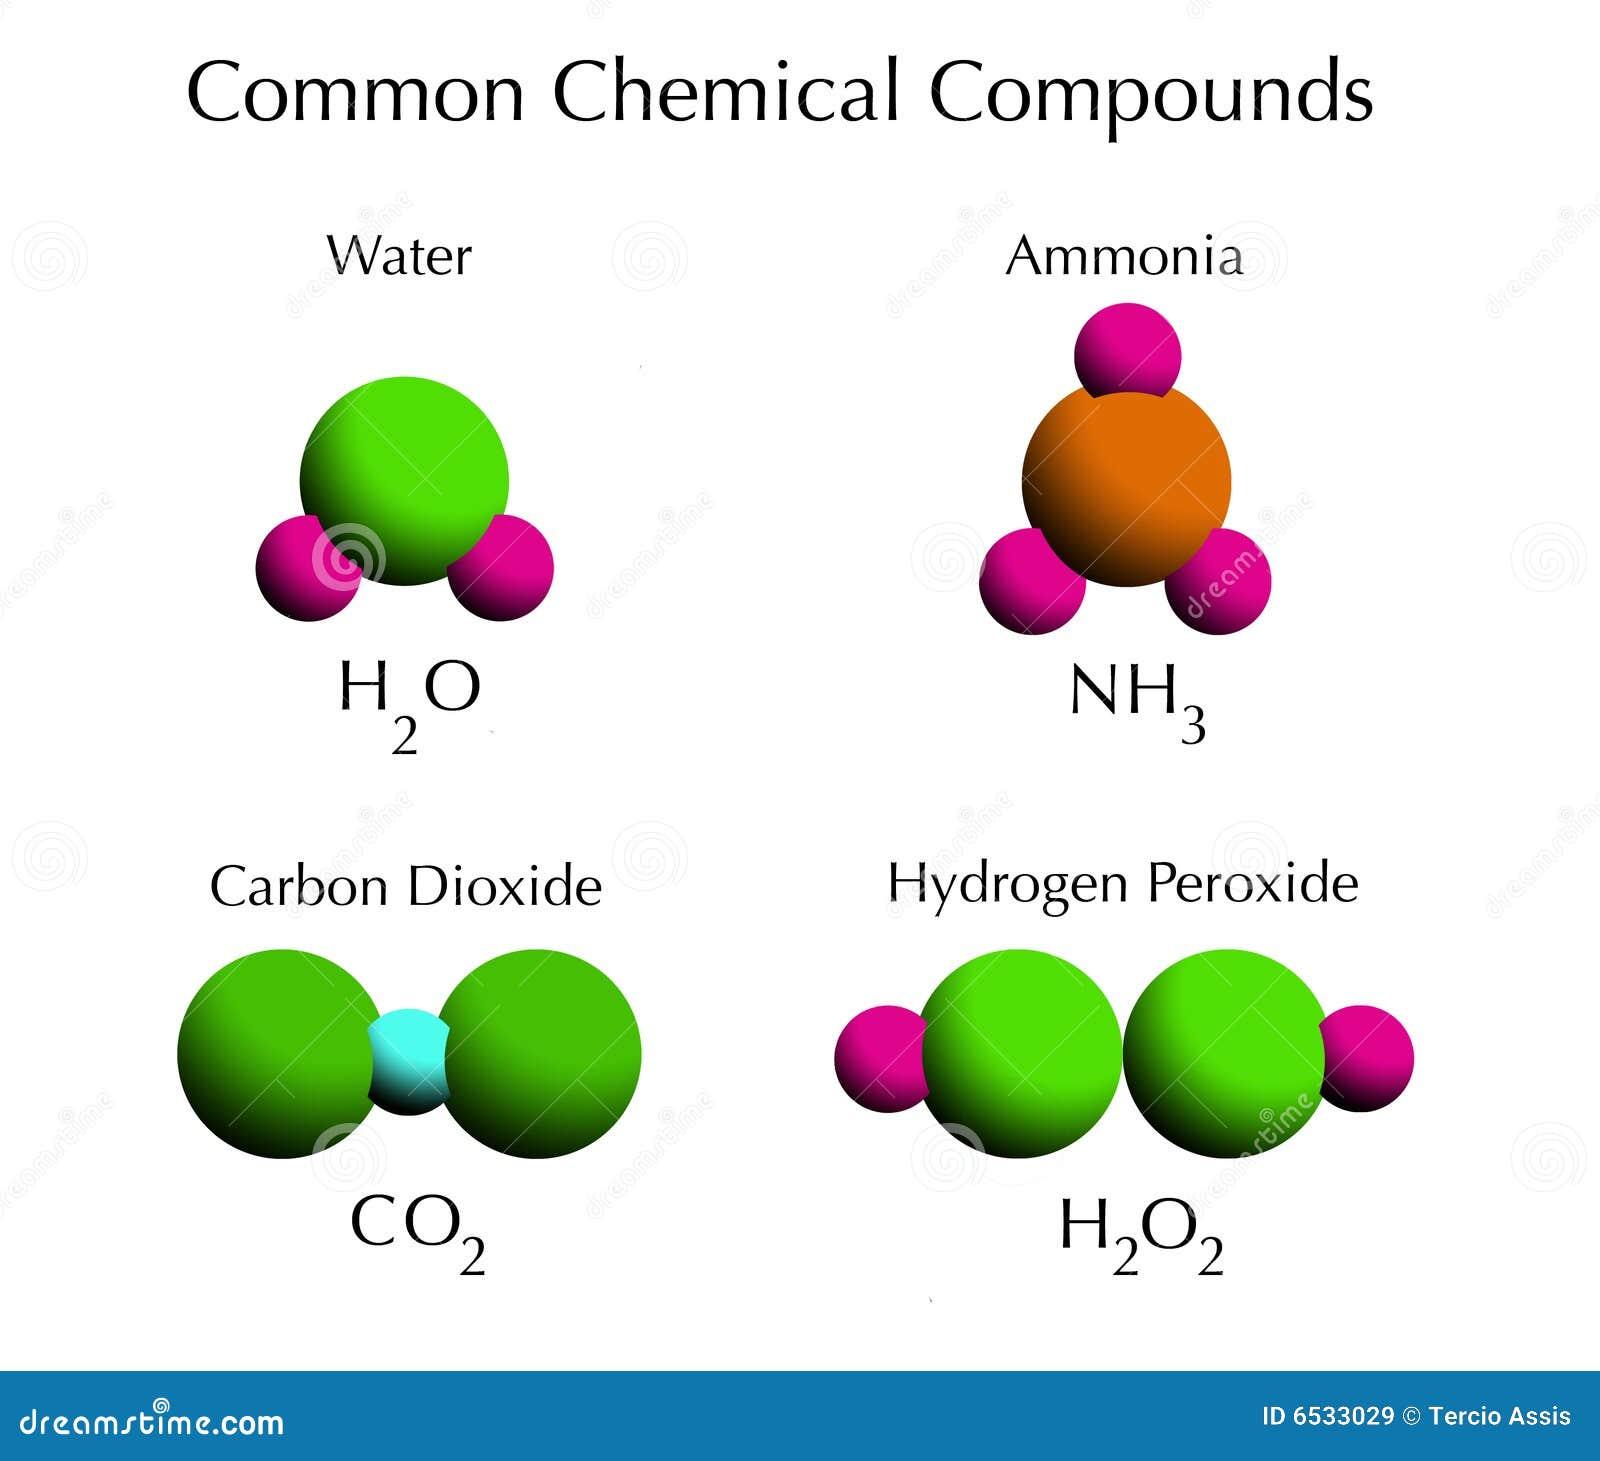 χημικές κοινές ενώσεις